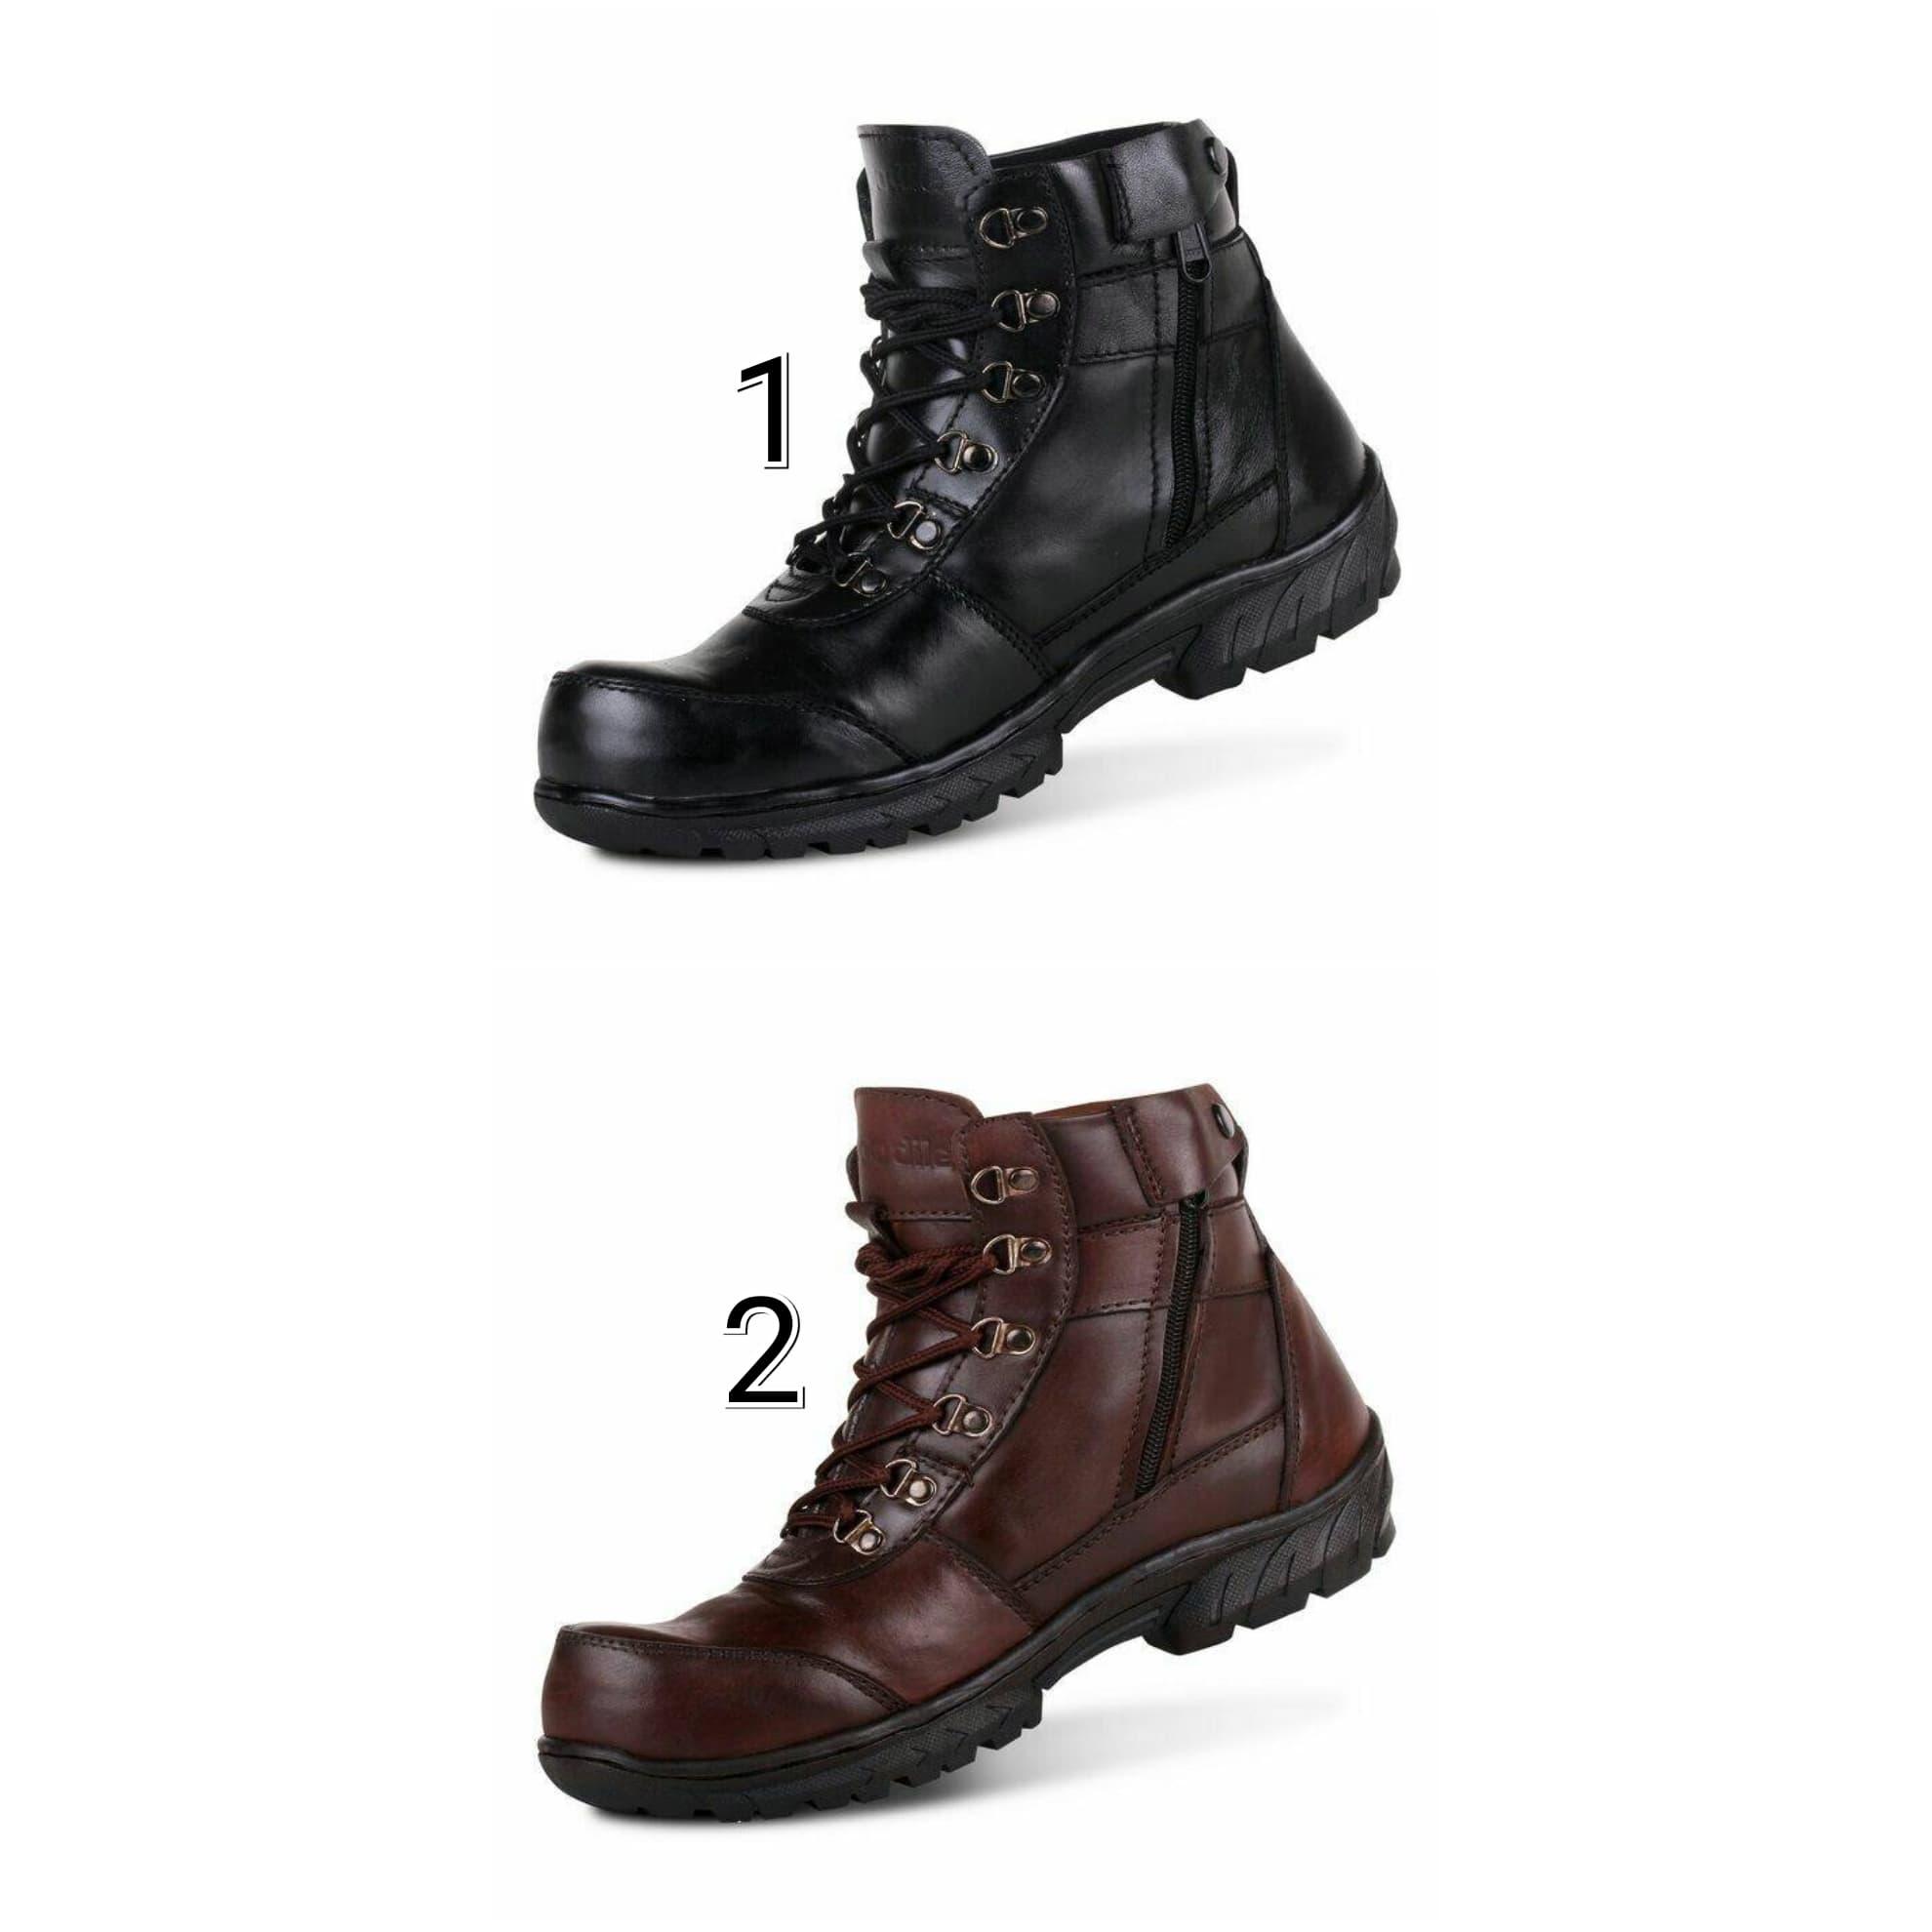 PENAWARAN Sepatu Boots Pria Crocodile Proyek Zip Kulit Asli Safety Ujung  Besi c9e4e7583a